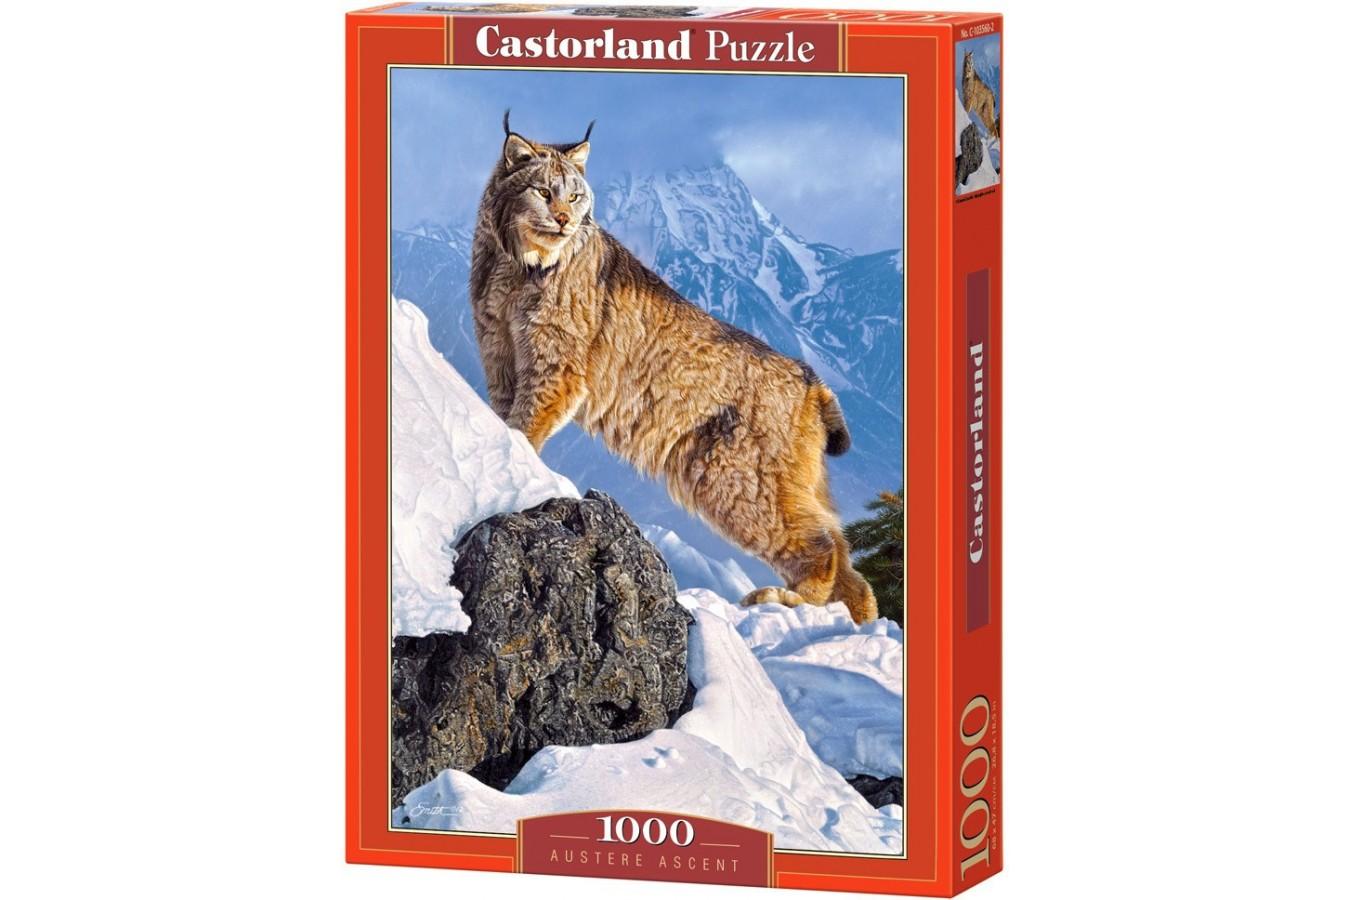 Puzzle Castorland - Austere Ascent, 1000 piese